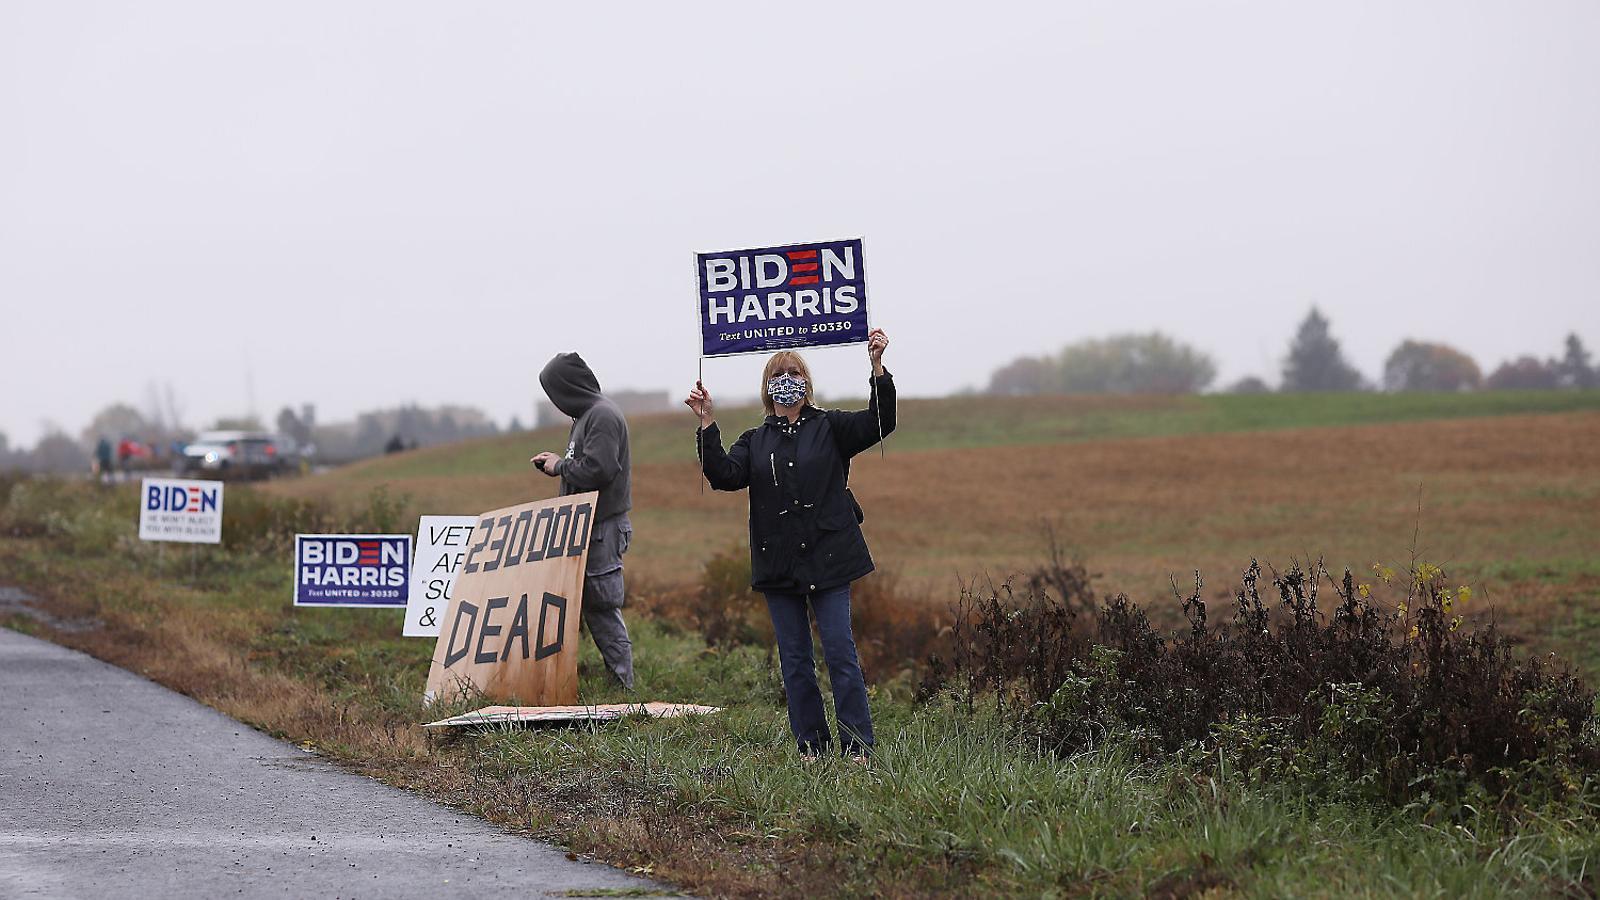 Pennsilvània: la terra de Biden que vol ser el país de Trump